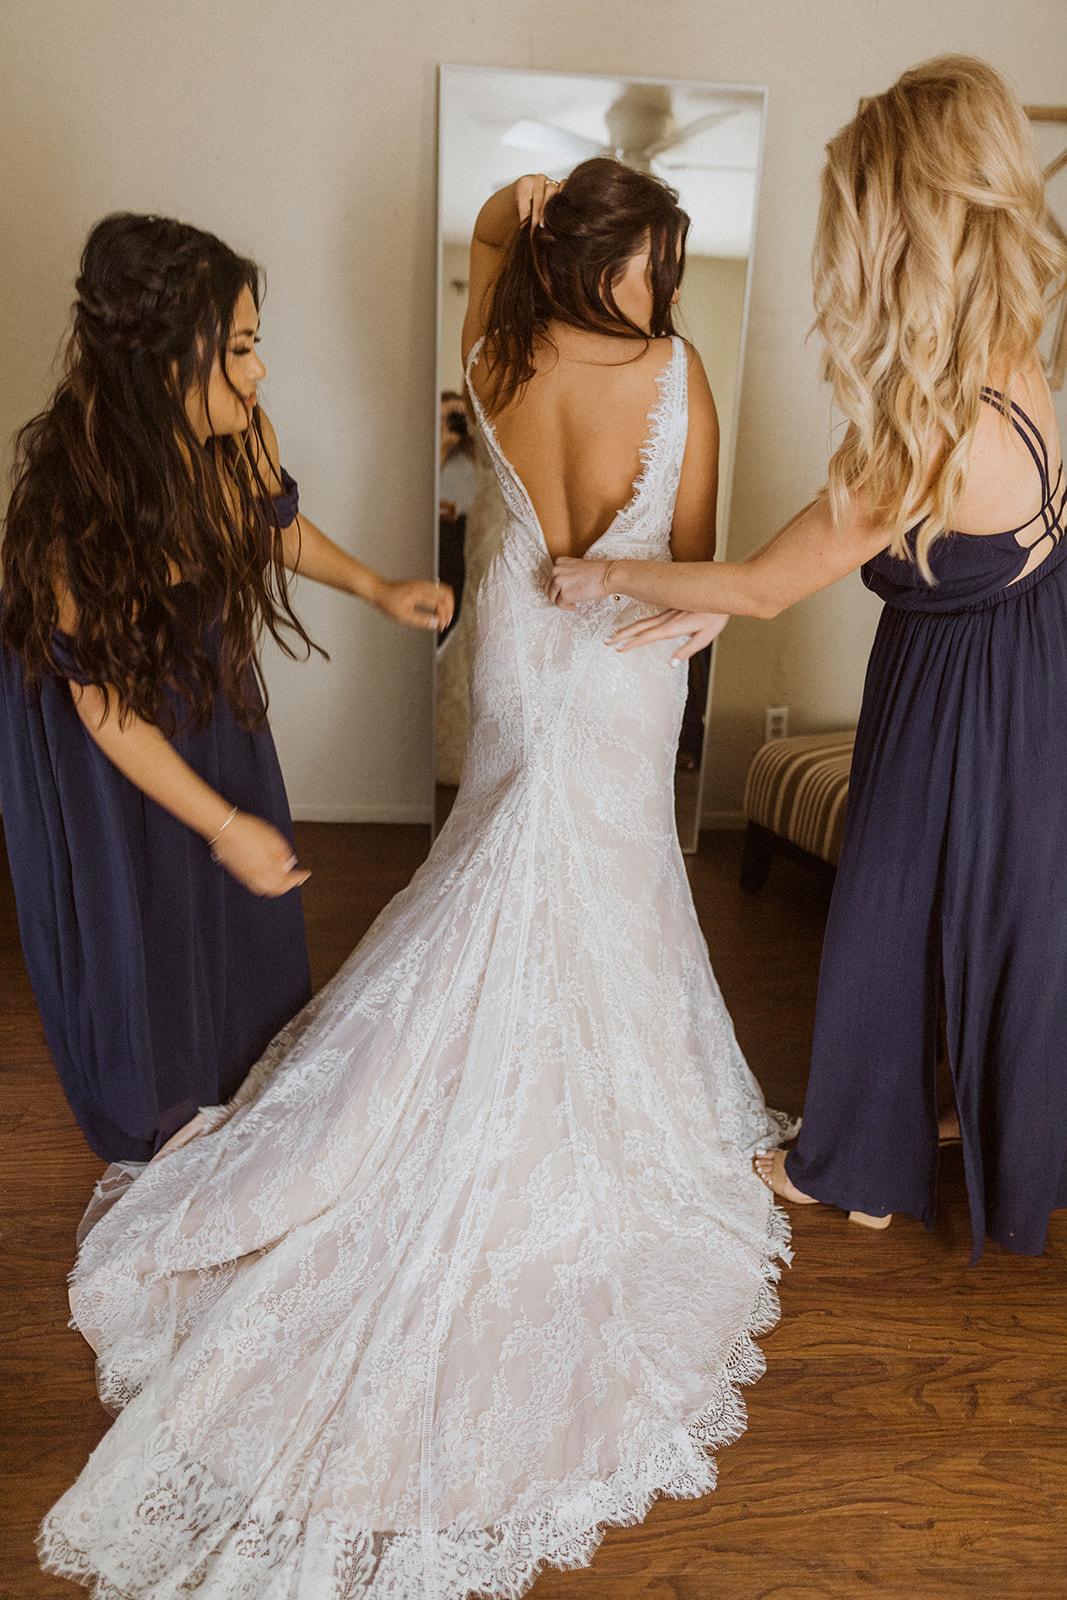 bride_dress_zipping_up.jpeg